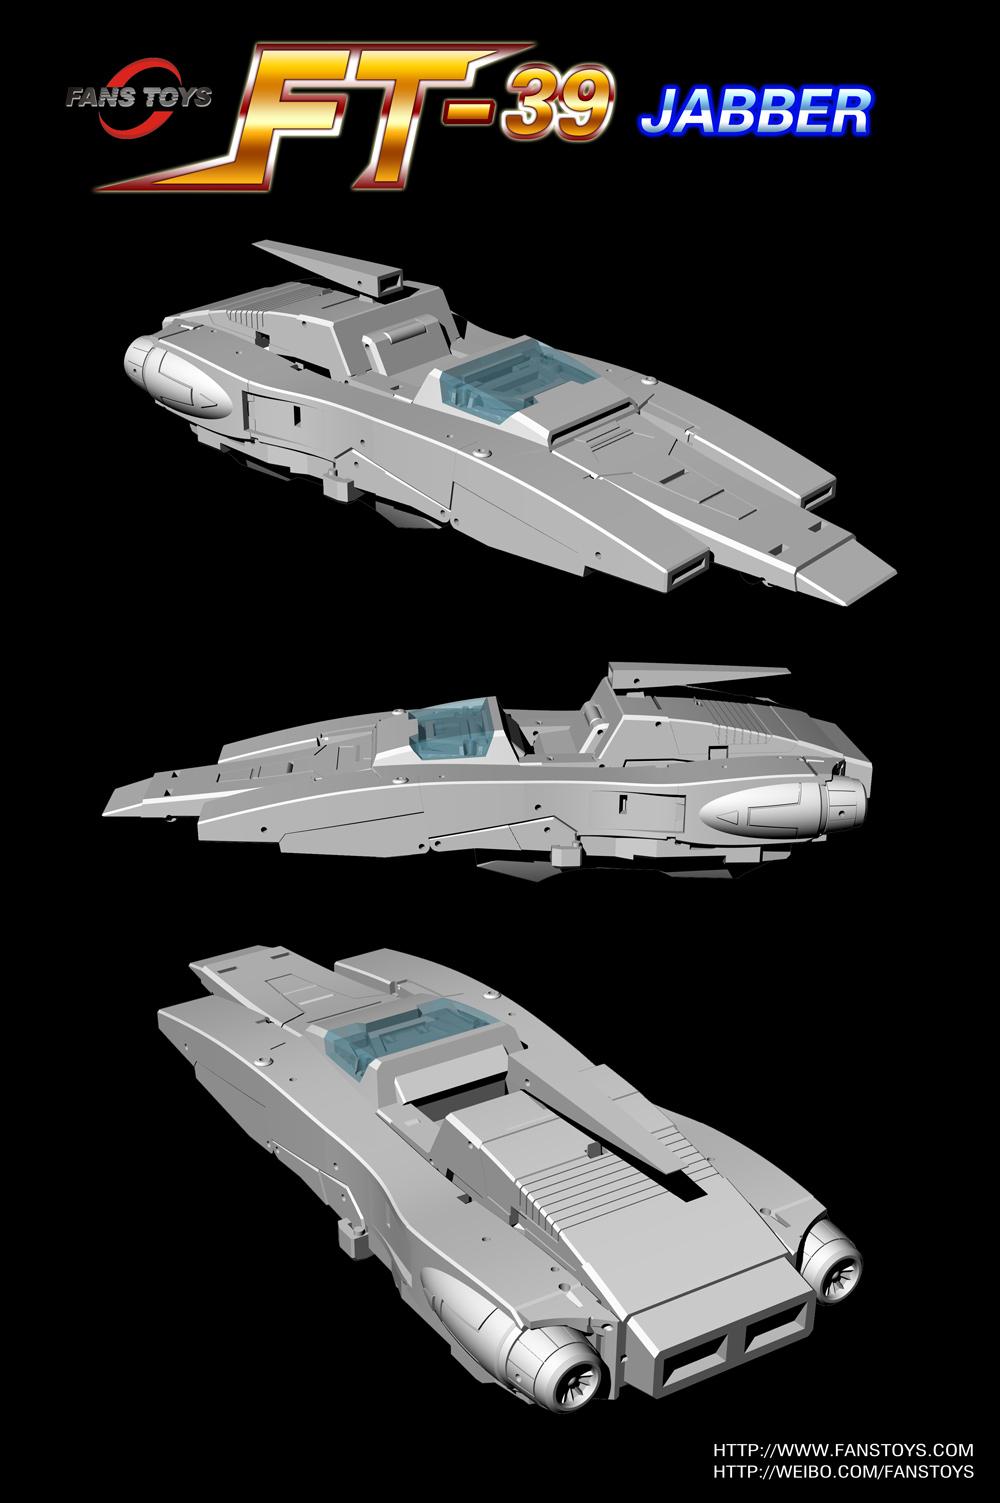 [Fanstoys] Produit Tiers - Jouet FT-39 Jabber - aka Blurr/Brouillo P5Va5Fvw_o